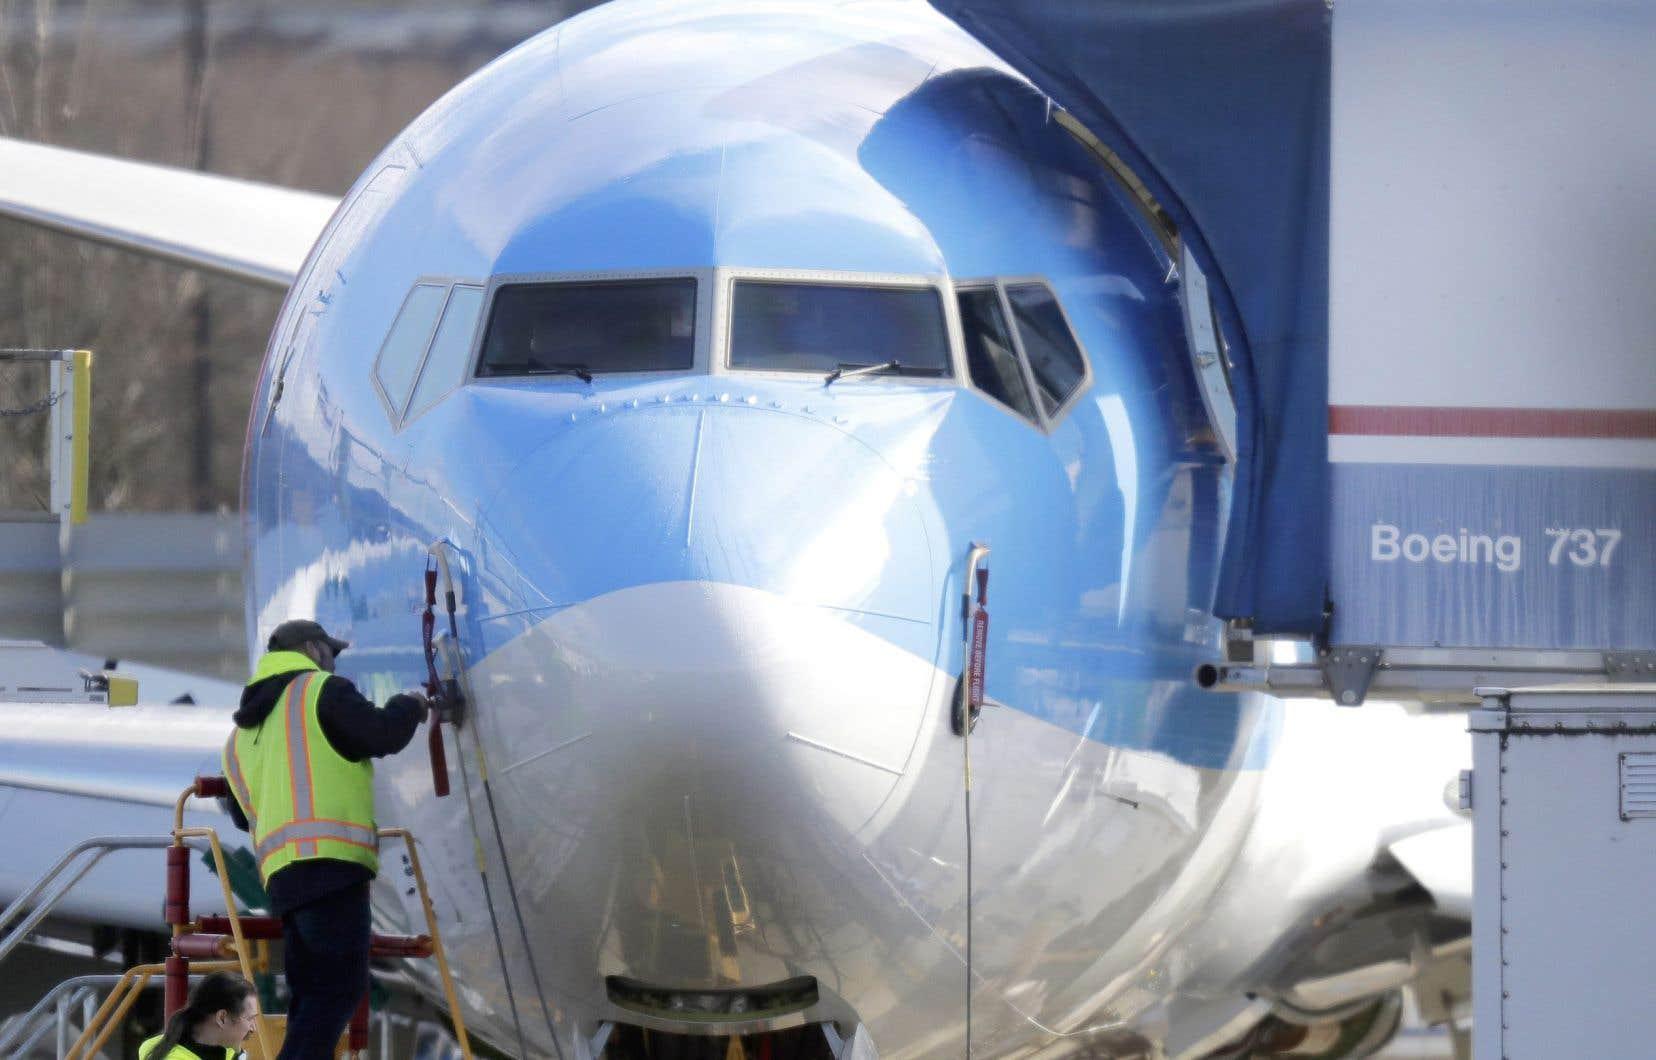 Boeing a apporté certains changementsau 737 MAX, notamment la formationdes pilotes etune mise à jour du système antidécrochage MCAS mis en cause dans deux tragédies rapprochées ayant fait au total 346 morts.